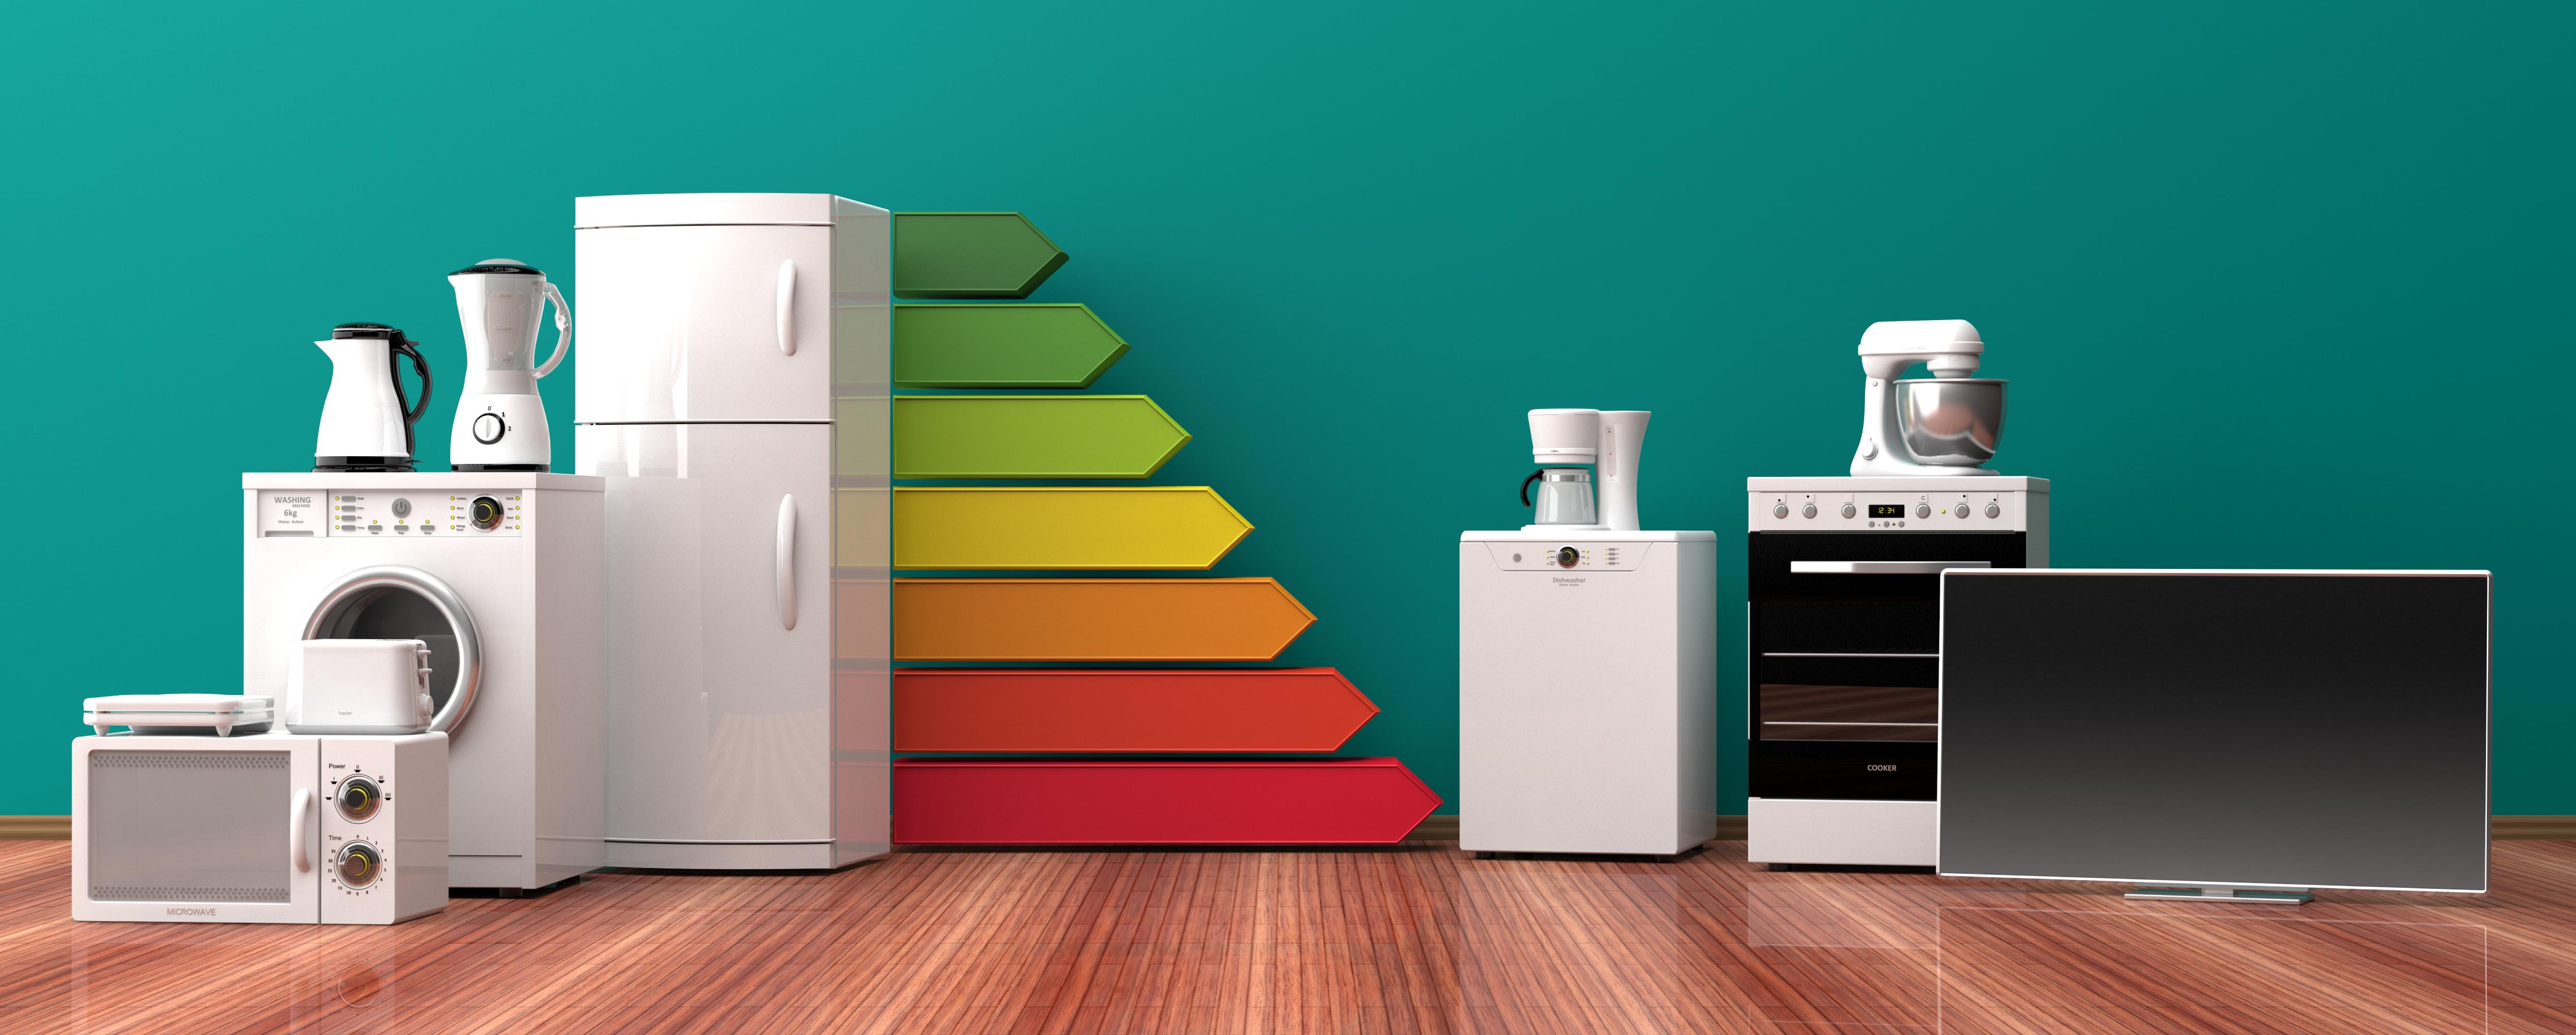 7 dicas de como economizar energia em períodos de bandeira vermelha